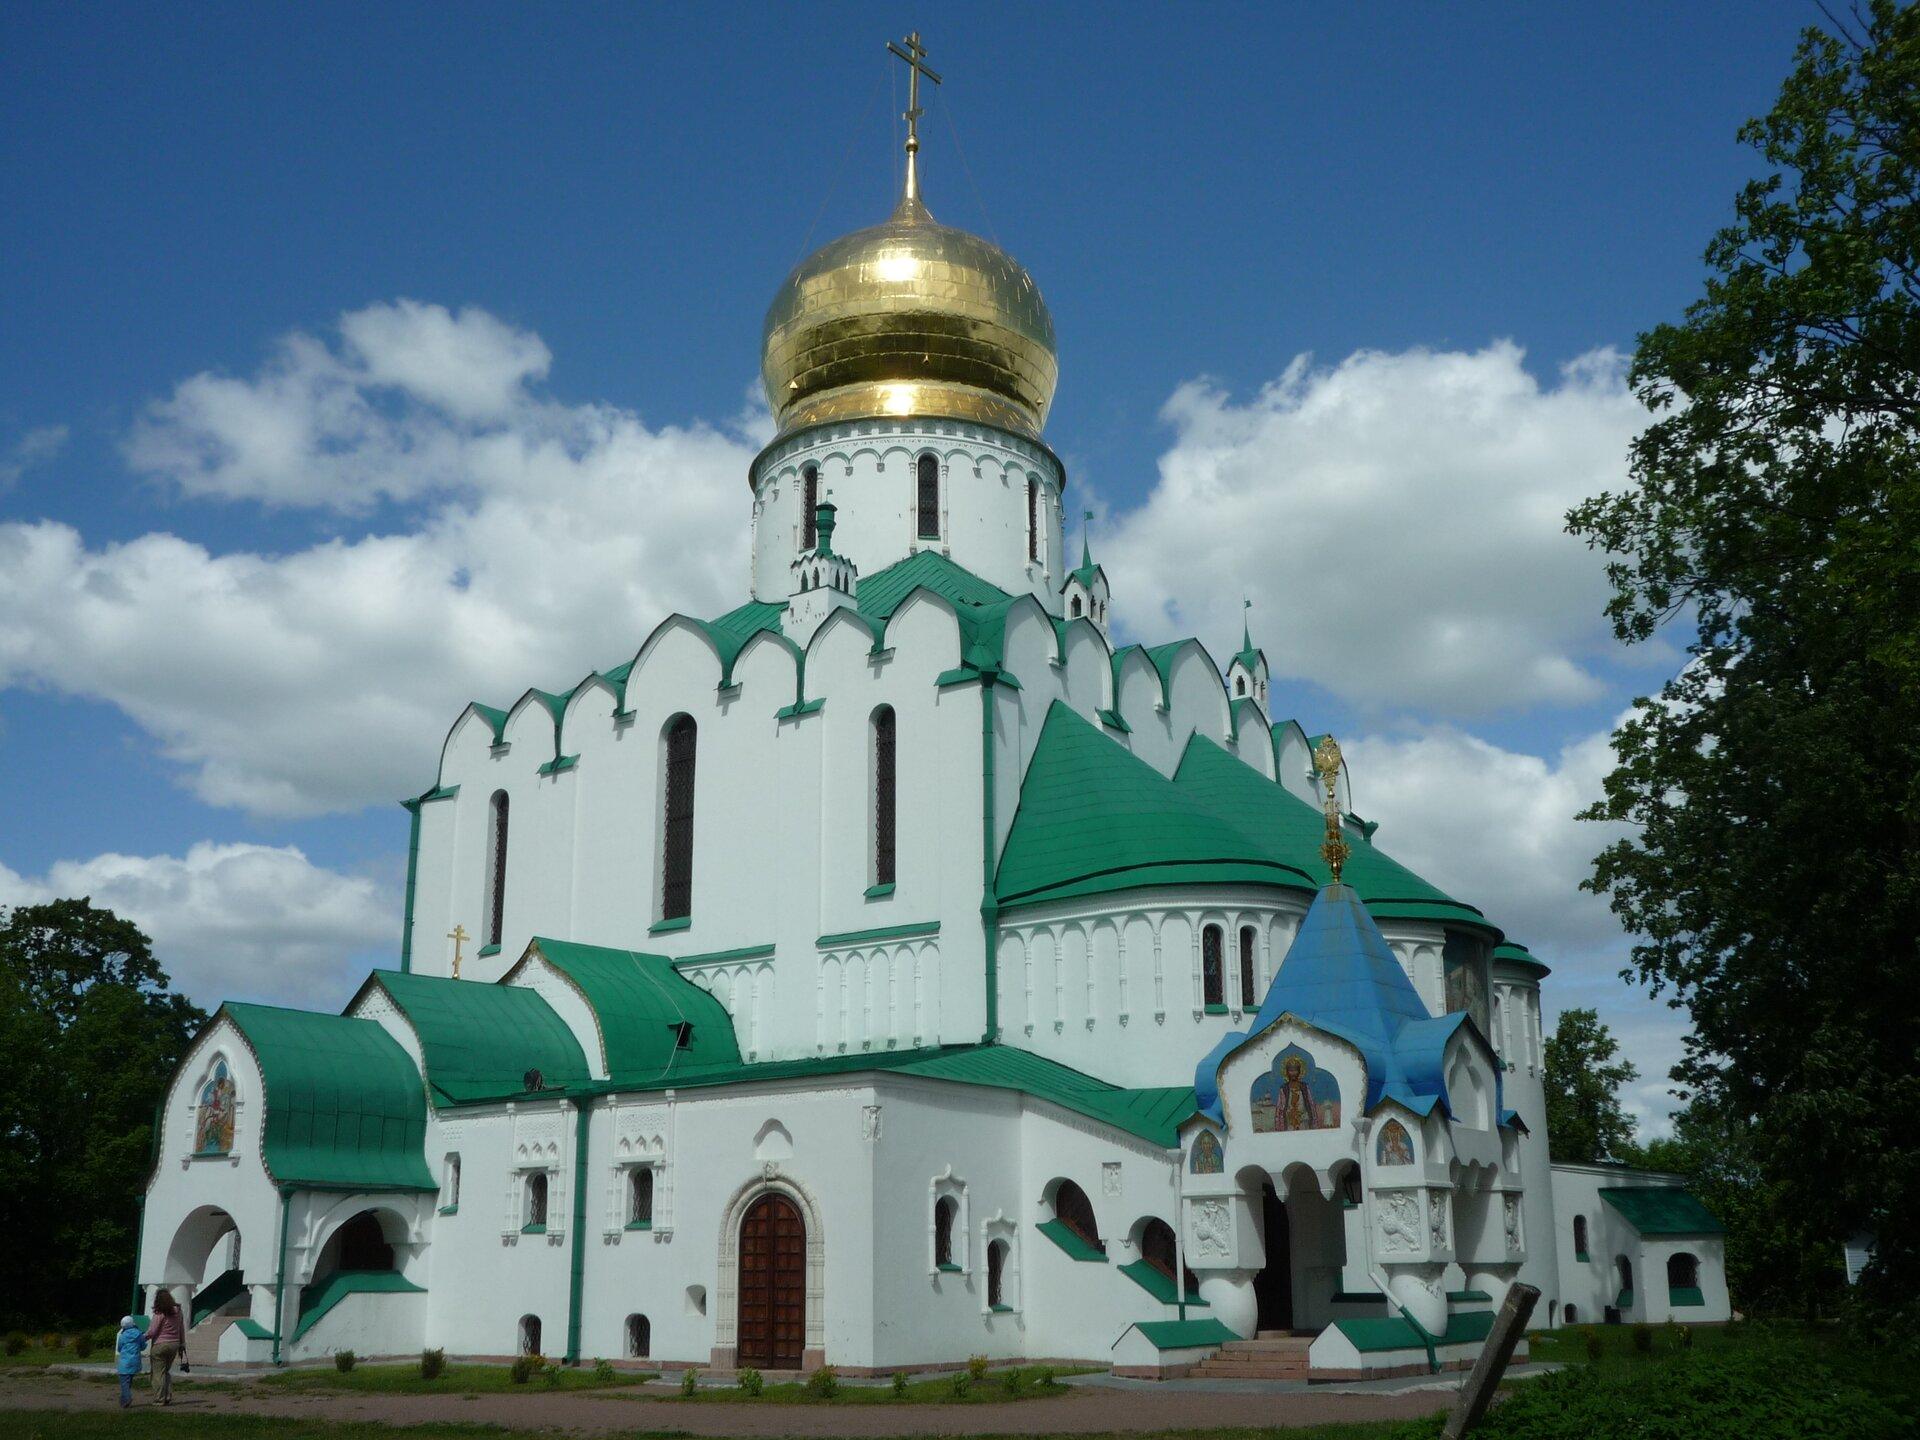 Na zdjęciu cerkiew prawosławna, biały budynek orozbudowanej bryle, dach zielony, jeden daszek niebieski, złota kopuła na wieży.